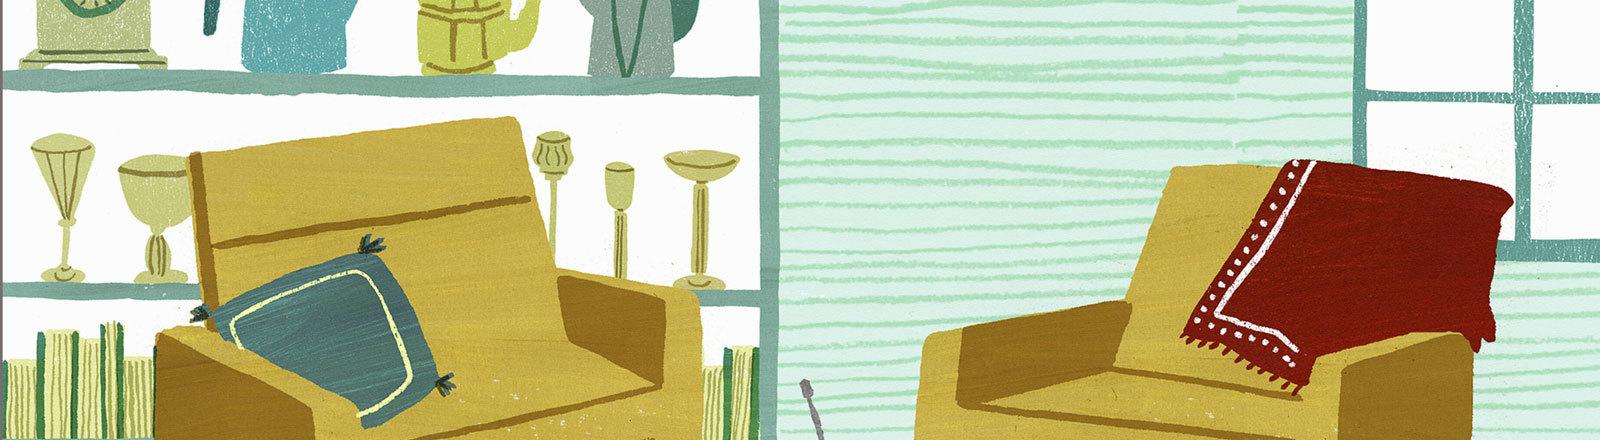 Wohnzimmer mit gelben Sesseln